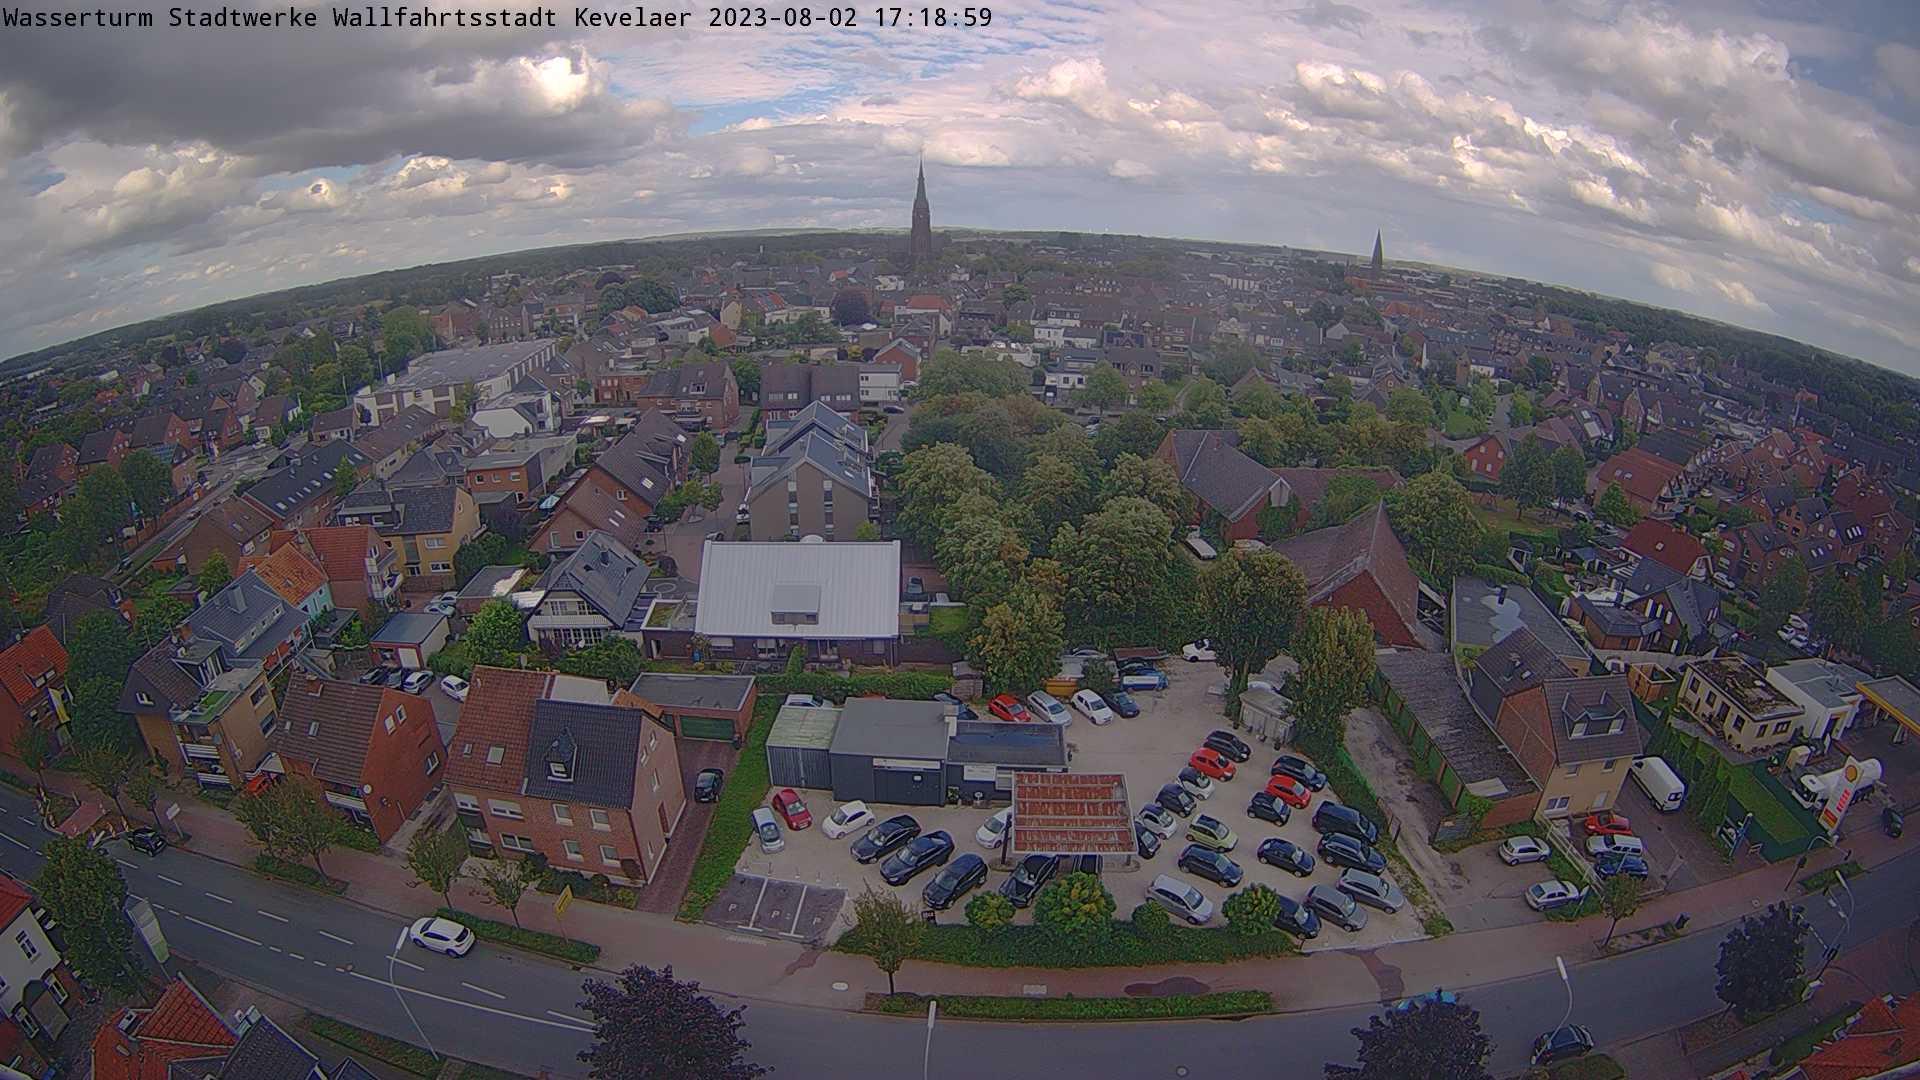 Bild der Webcam mit Blick vom Wasserturm